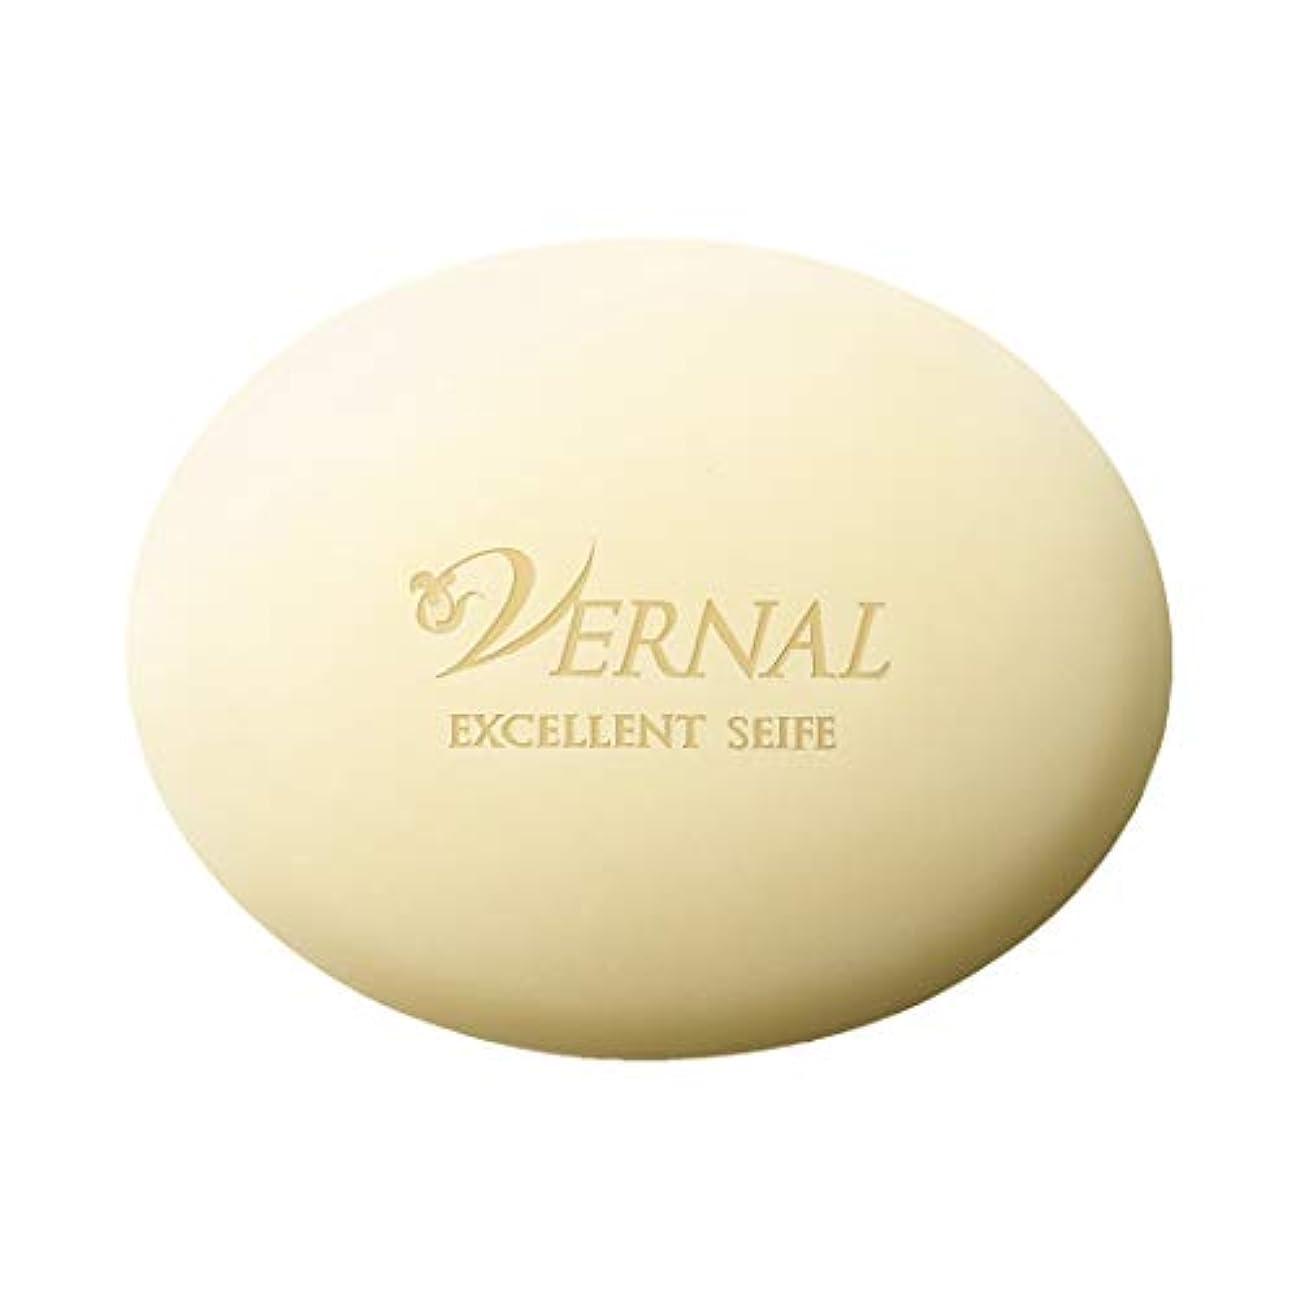 検査官自治セクタエクセレントザイフ110g/ヴァーナル 洗顔石鹸 仕上げ洗顔